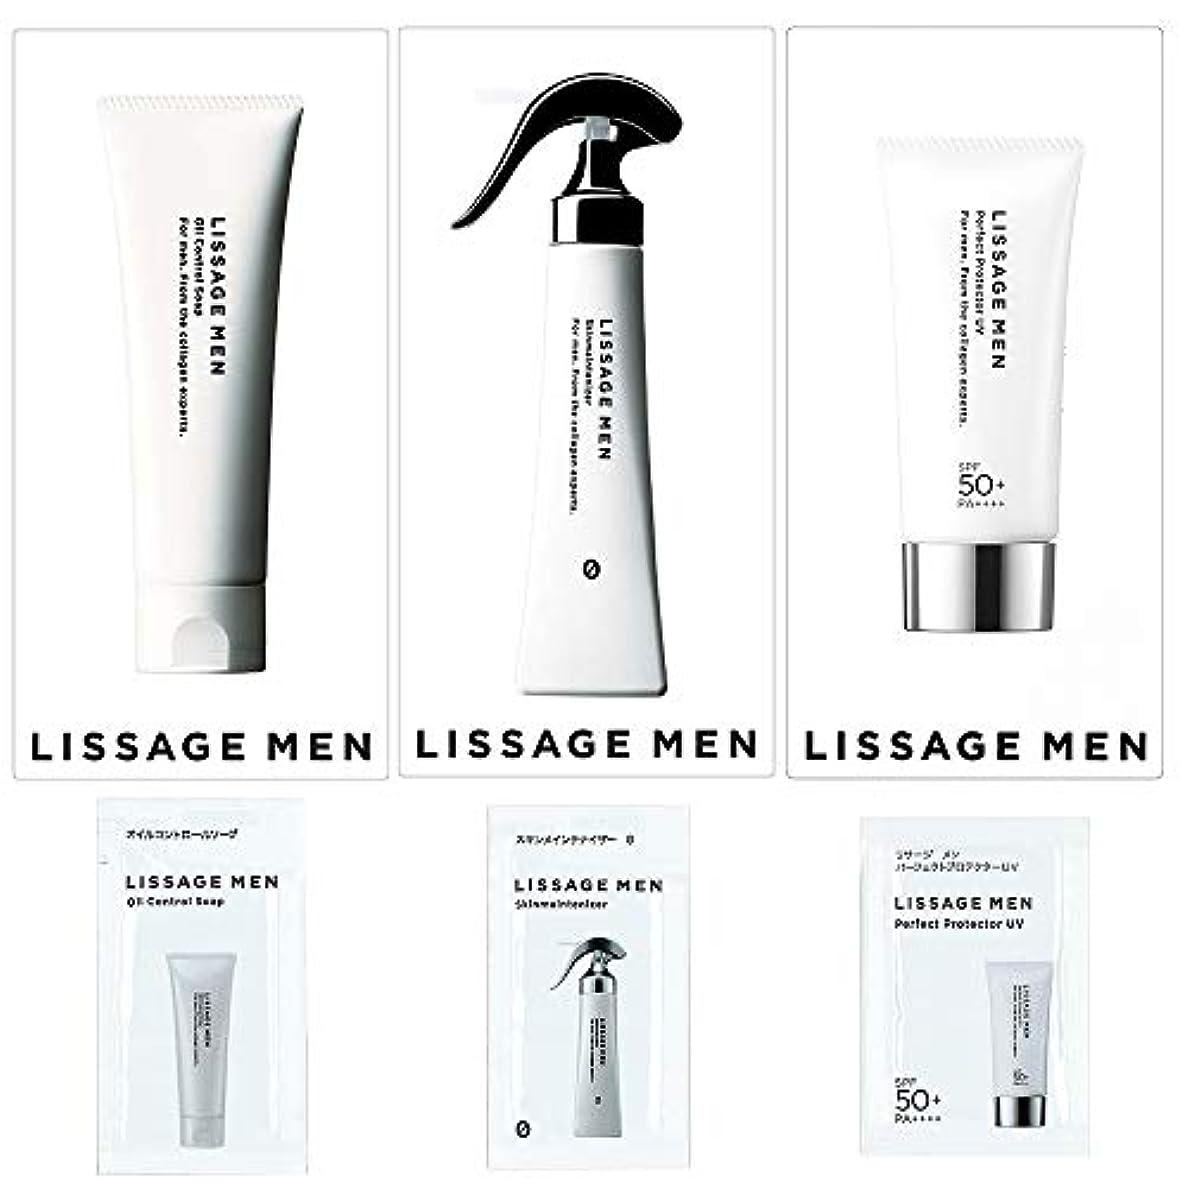 パントリー苦温かいリサージメン メンズ フェイスケア 3点セット 洗顔&化粧水&UV(サンプルセット) 【実質無料サンプルストア対象】